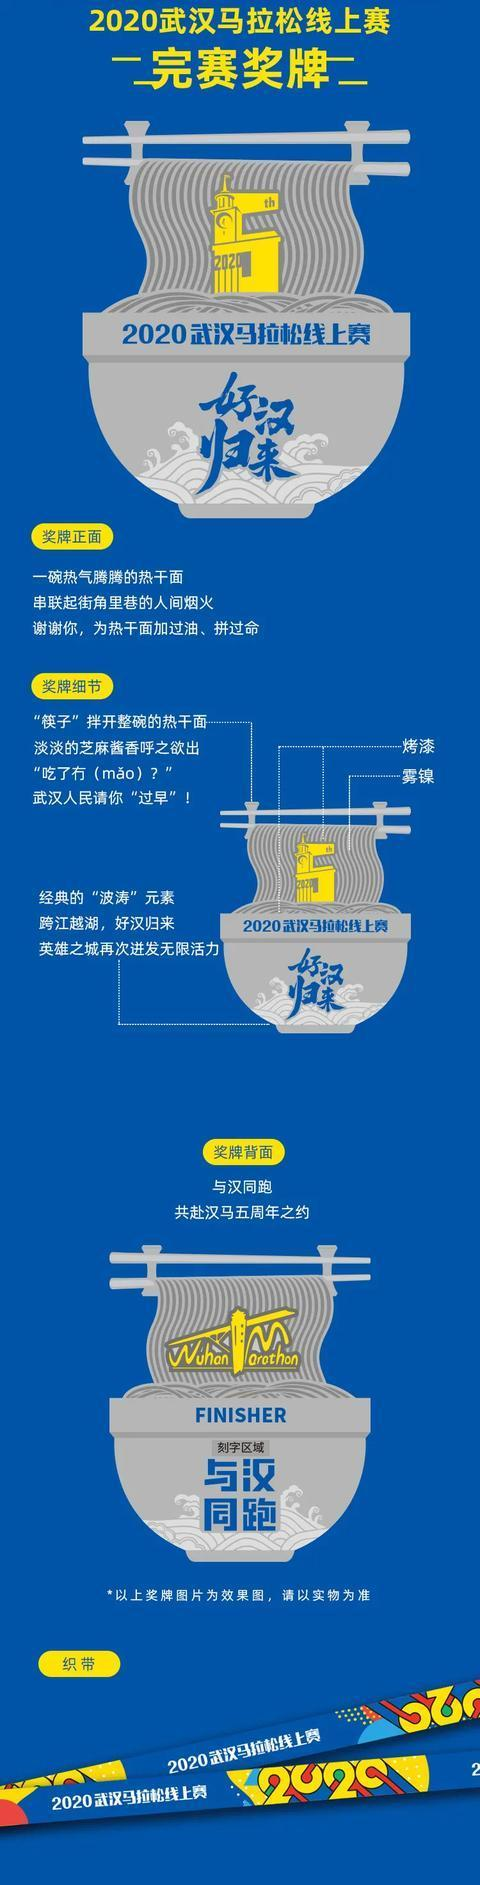 2020年10月12日武汉马拉松在线大赛开始,800个2021汉马贯通名额等着你! 第8张